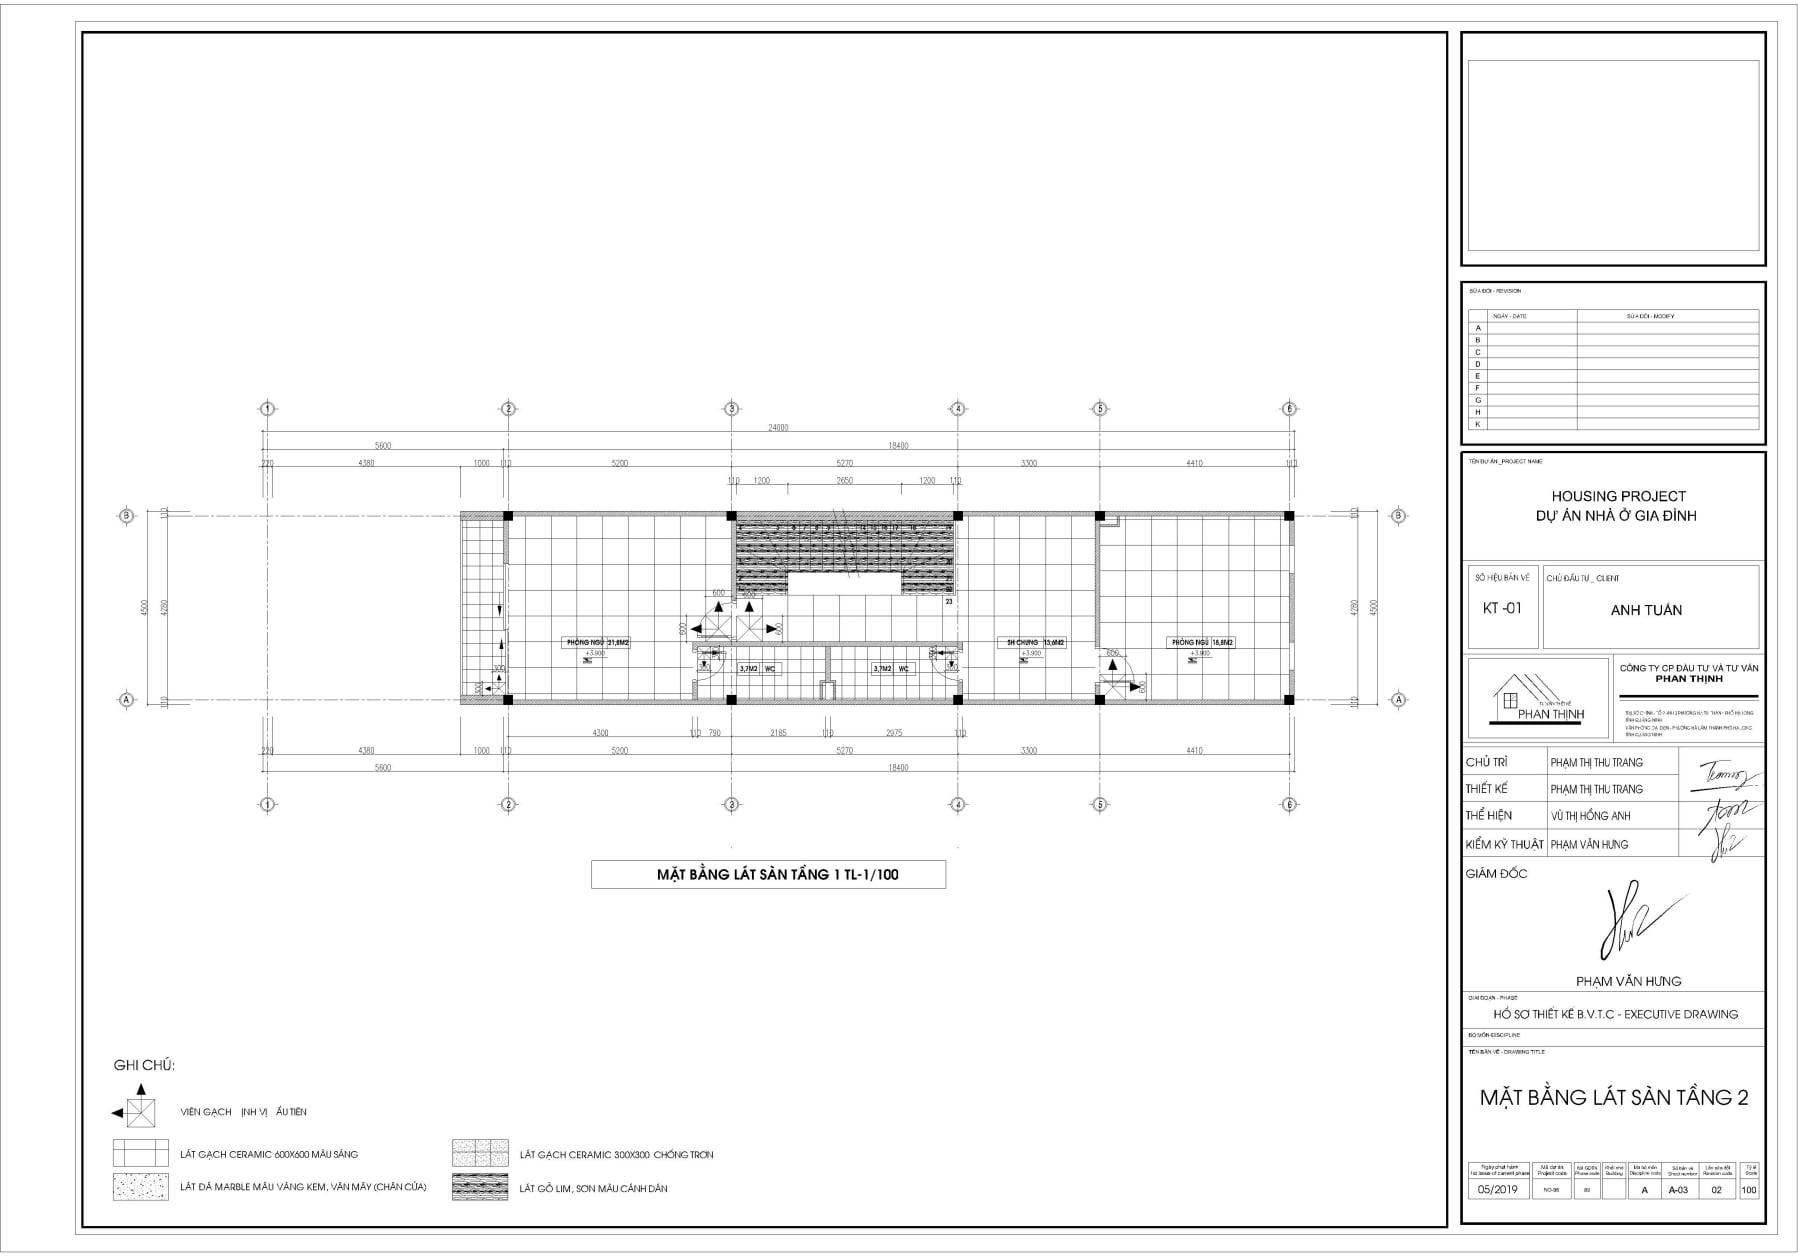 Bản vẽ thiết kế mặt bằng lát sàn tầng 2